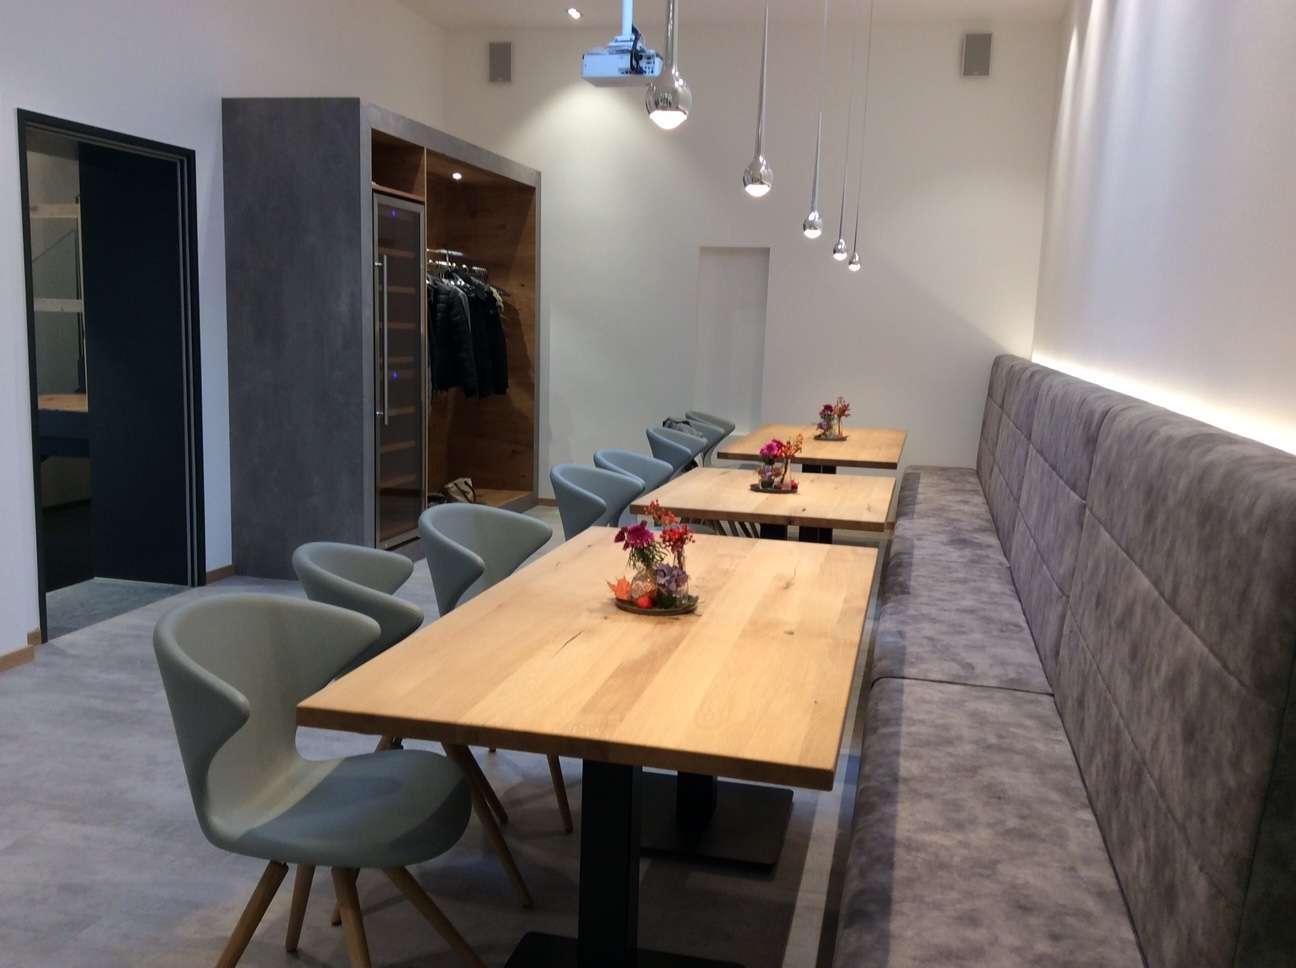 stilvoll und modern neues firmengeb ude f r gefu trendxpress. Black Bedroom Furniture Sets. Home Design Ideas